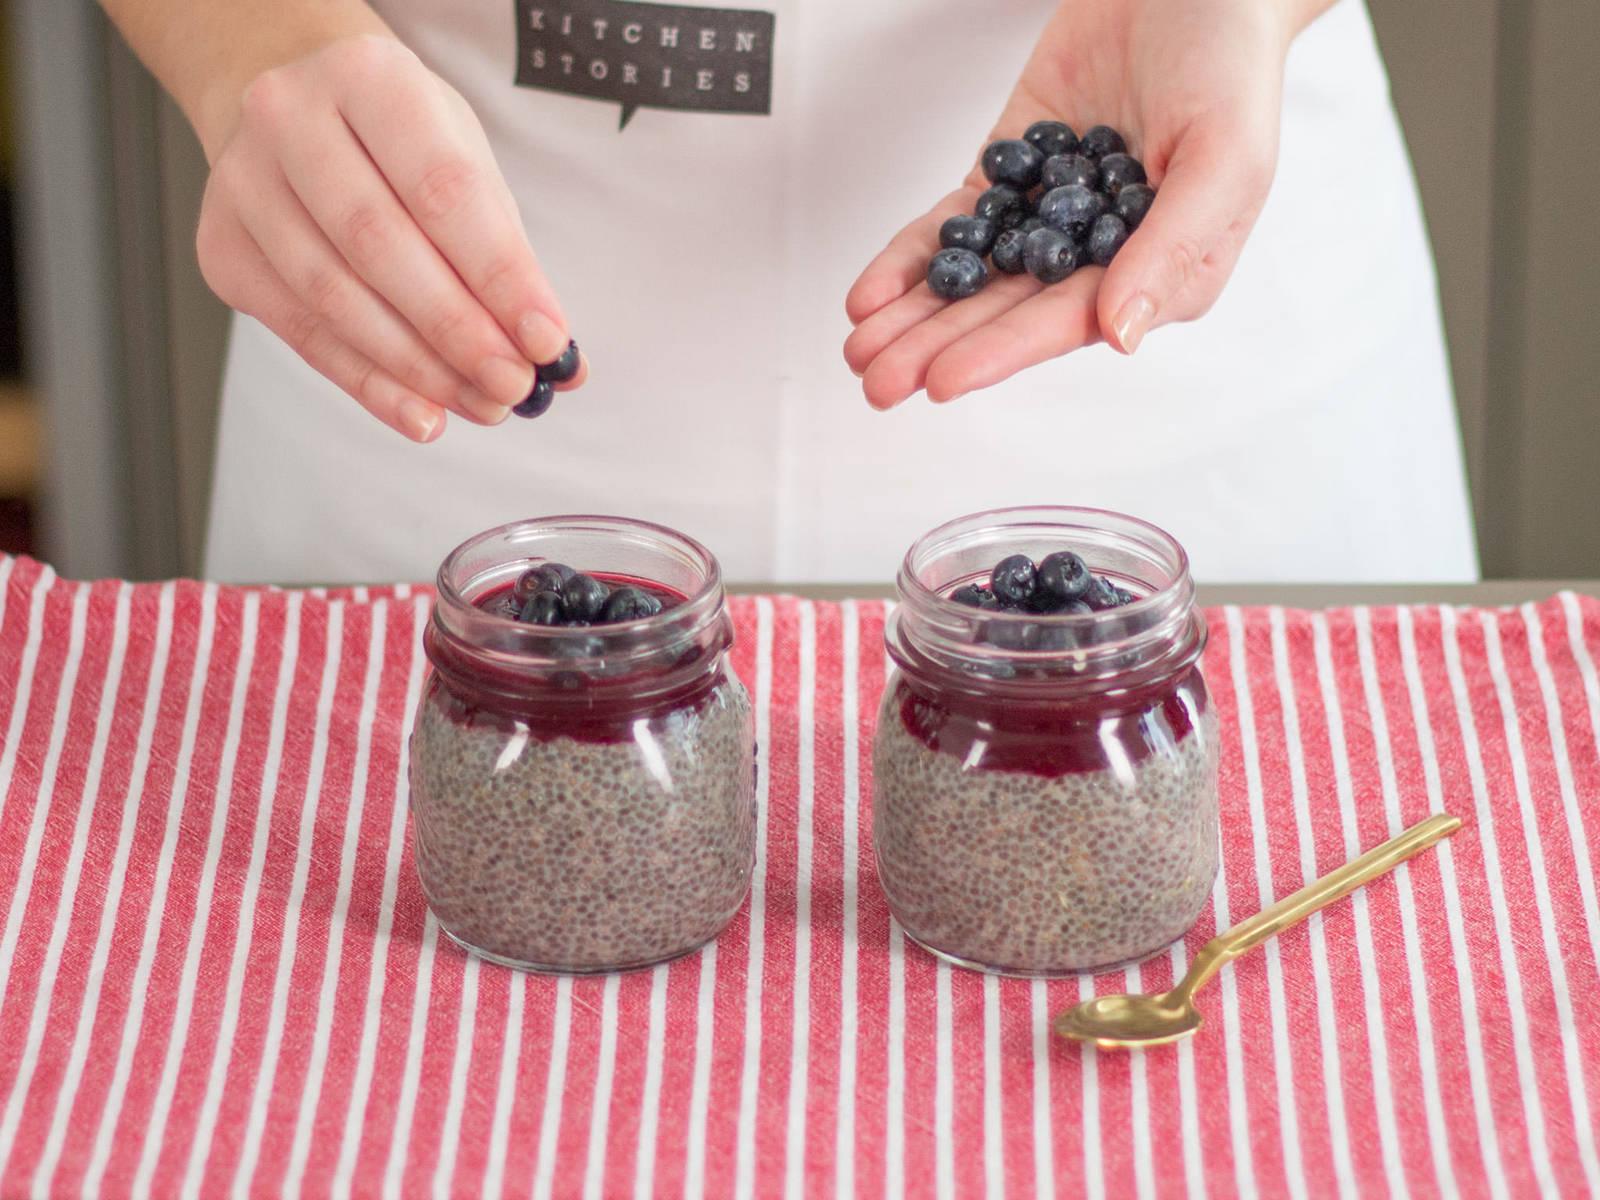 饰以新鲜蓝莓,然后尽情享用吧!